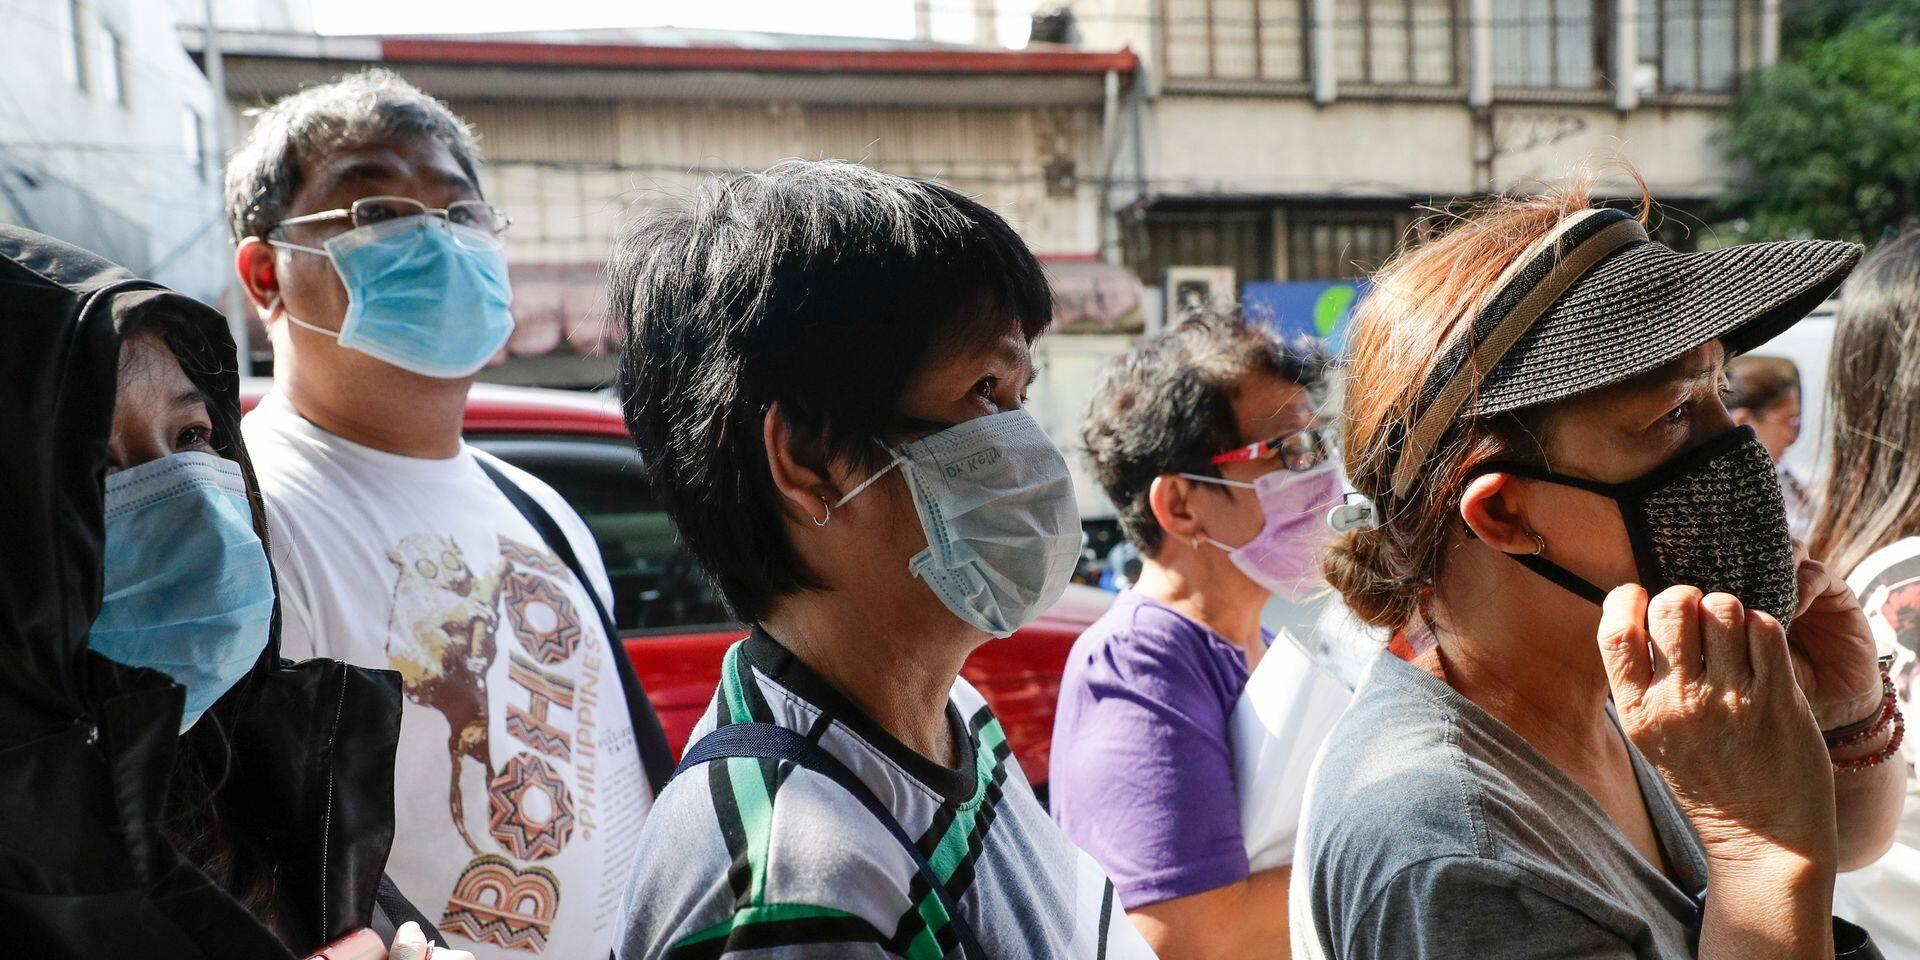 Coronavirus: pour augmenter ses stocks de masques, Hong Kong fait pression sur la production en prison